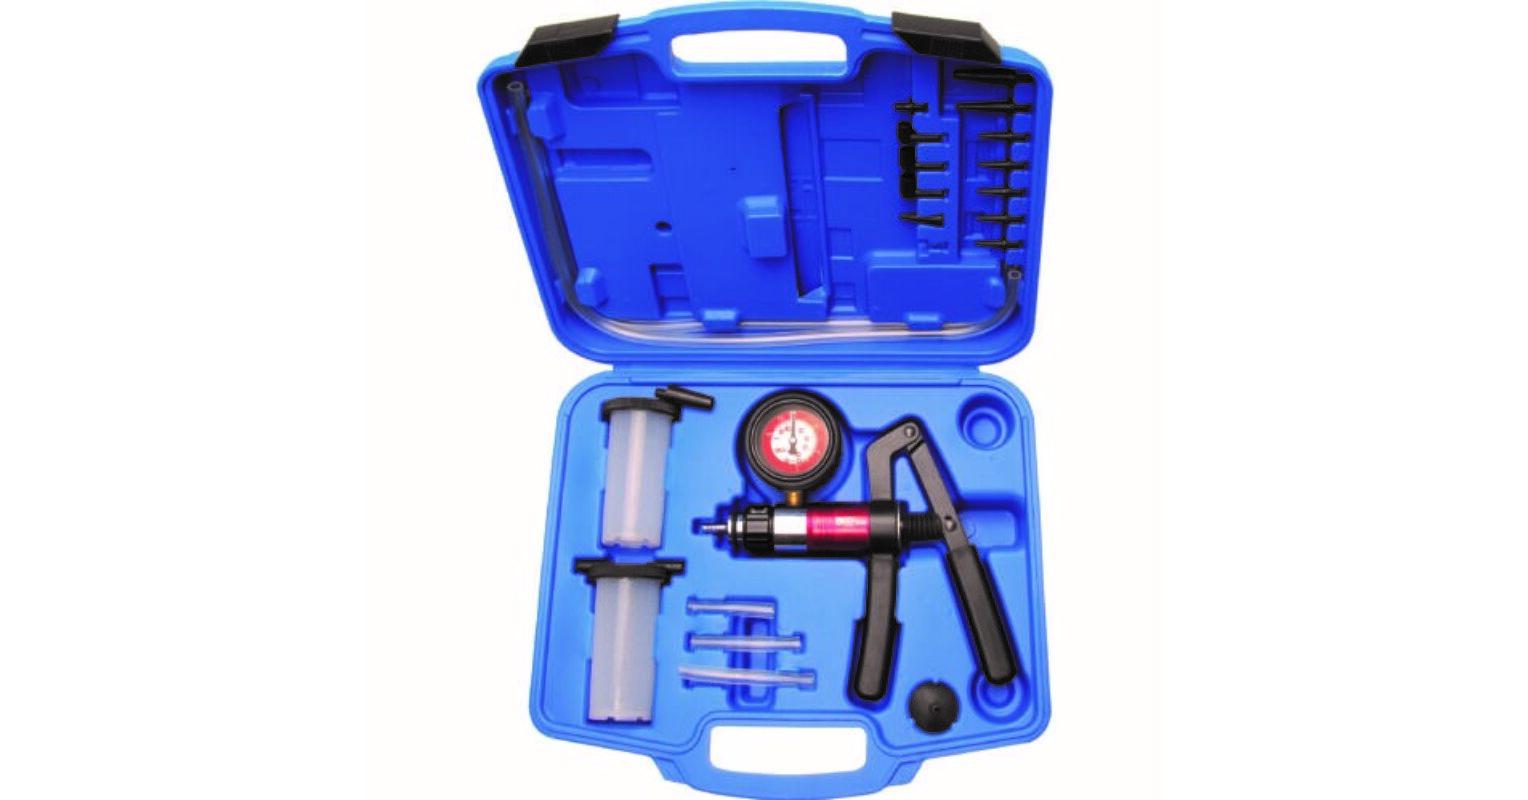 Vákuum és nyomásmérő kézi pumpa